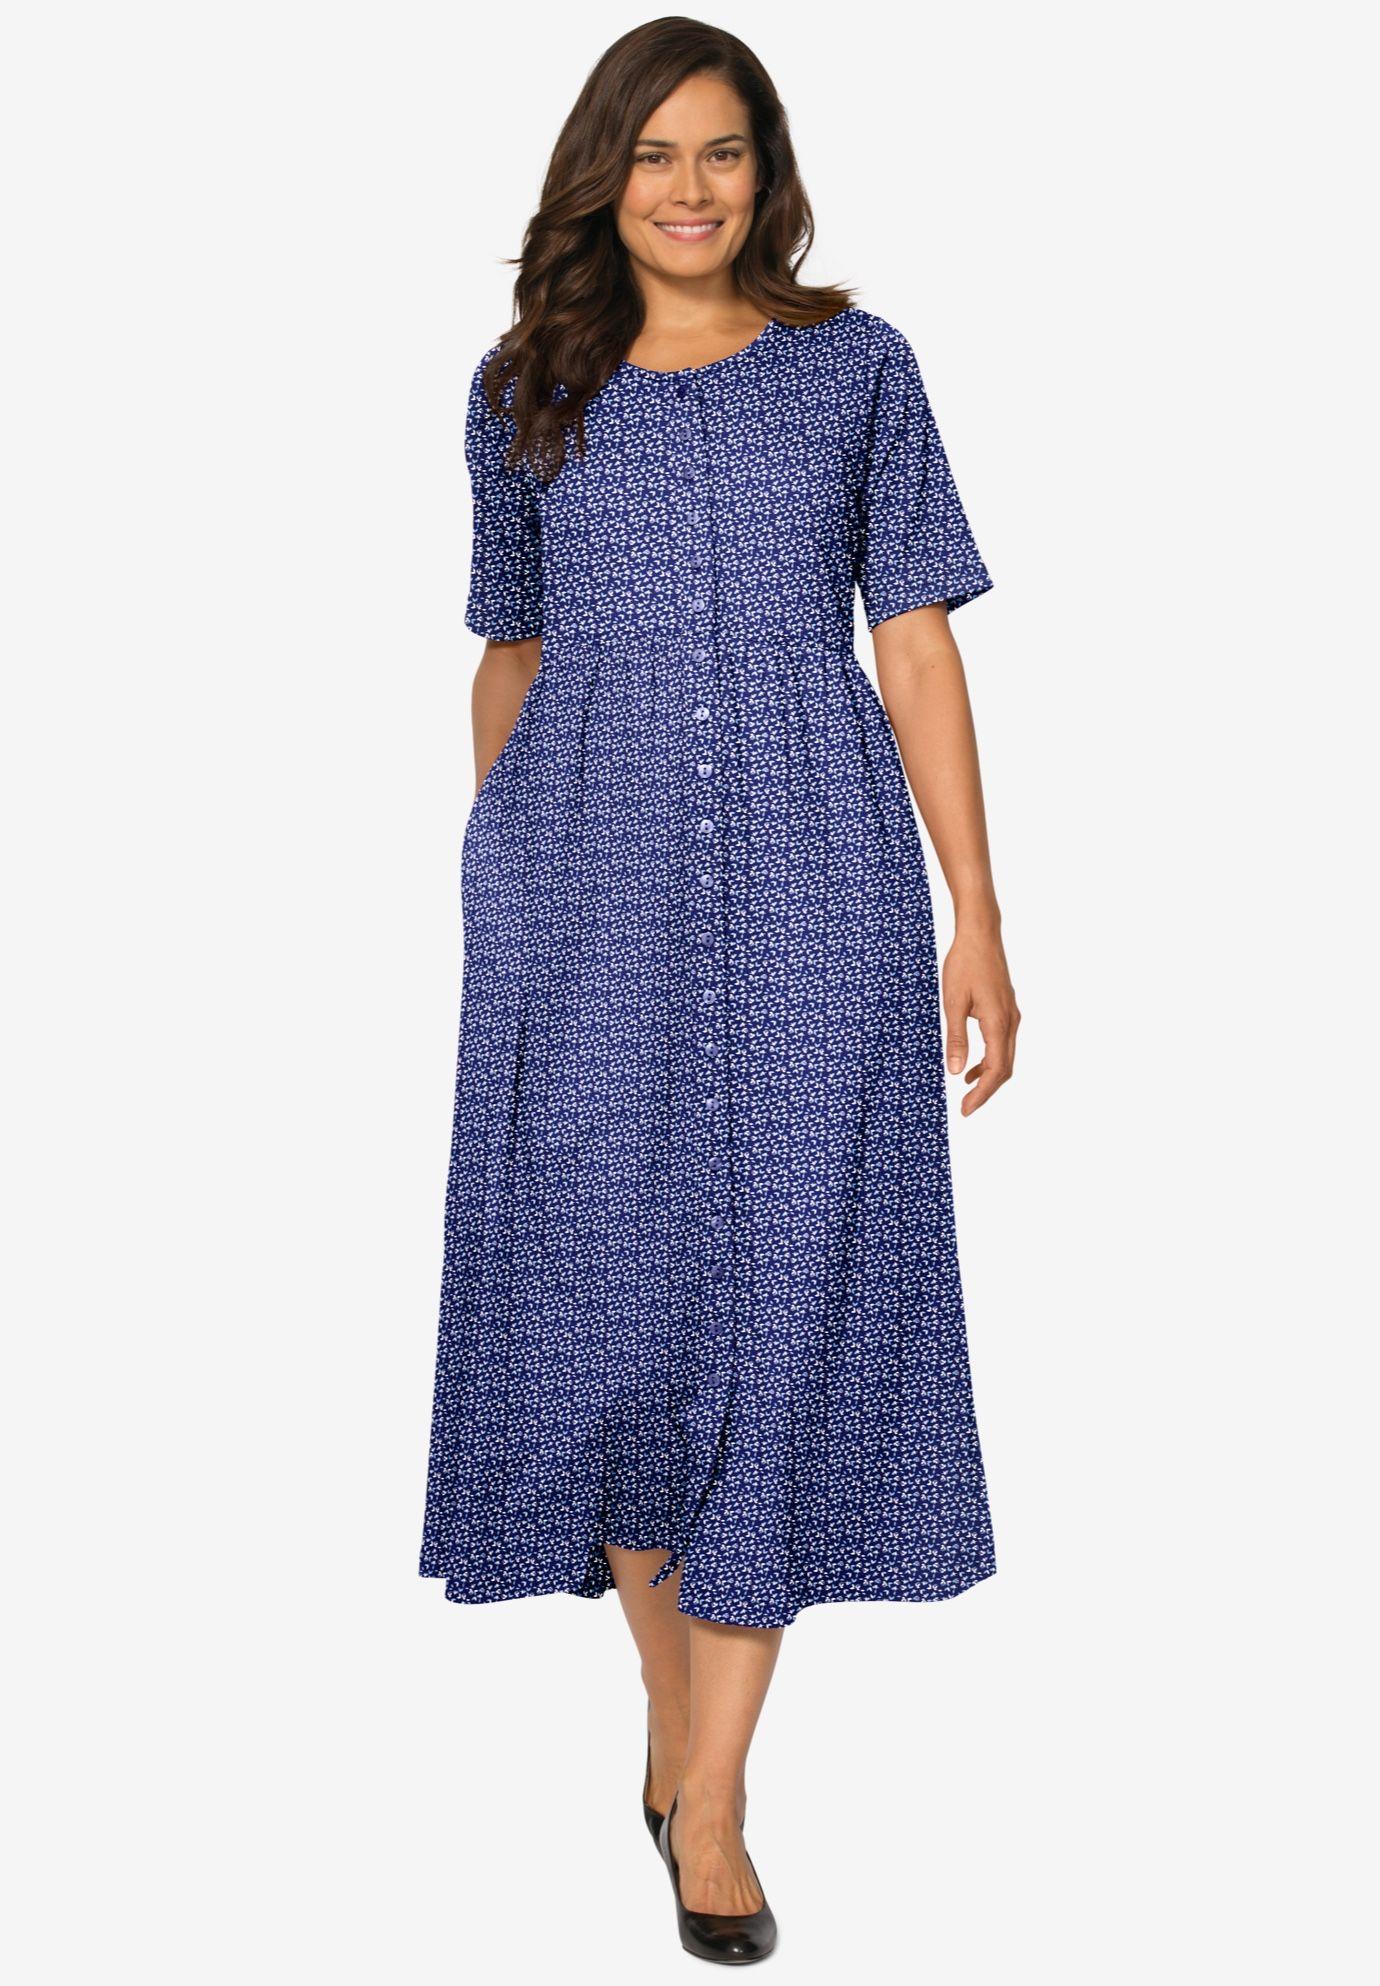 Buttonfront essential dress deep teal polka dot